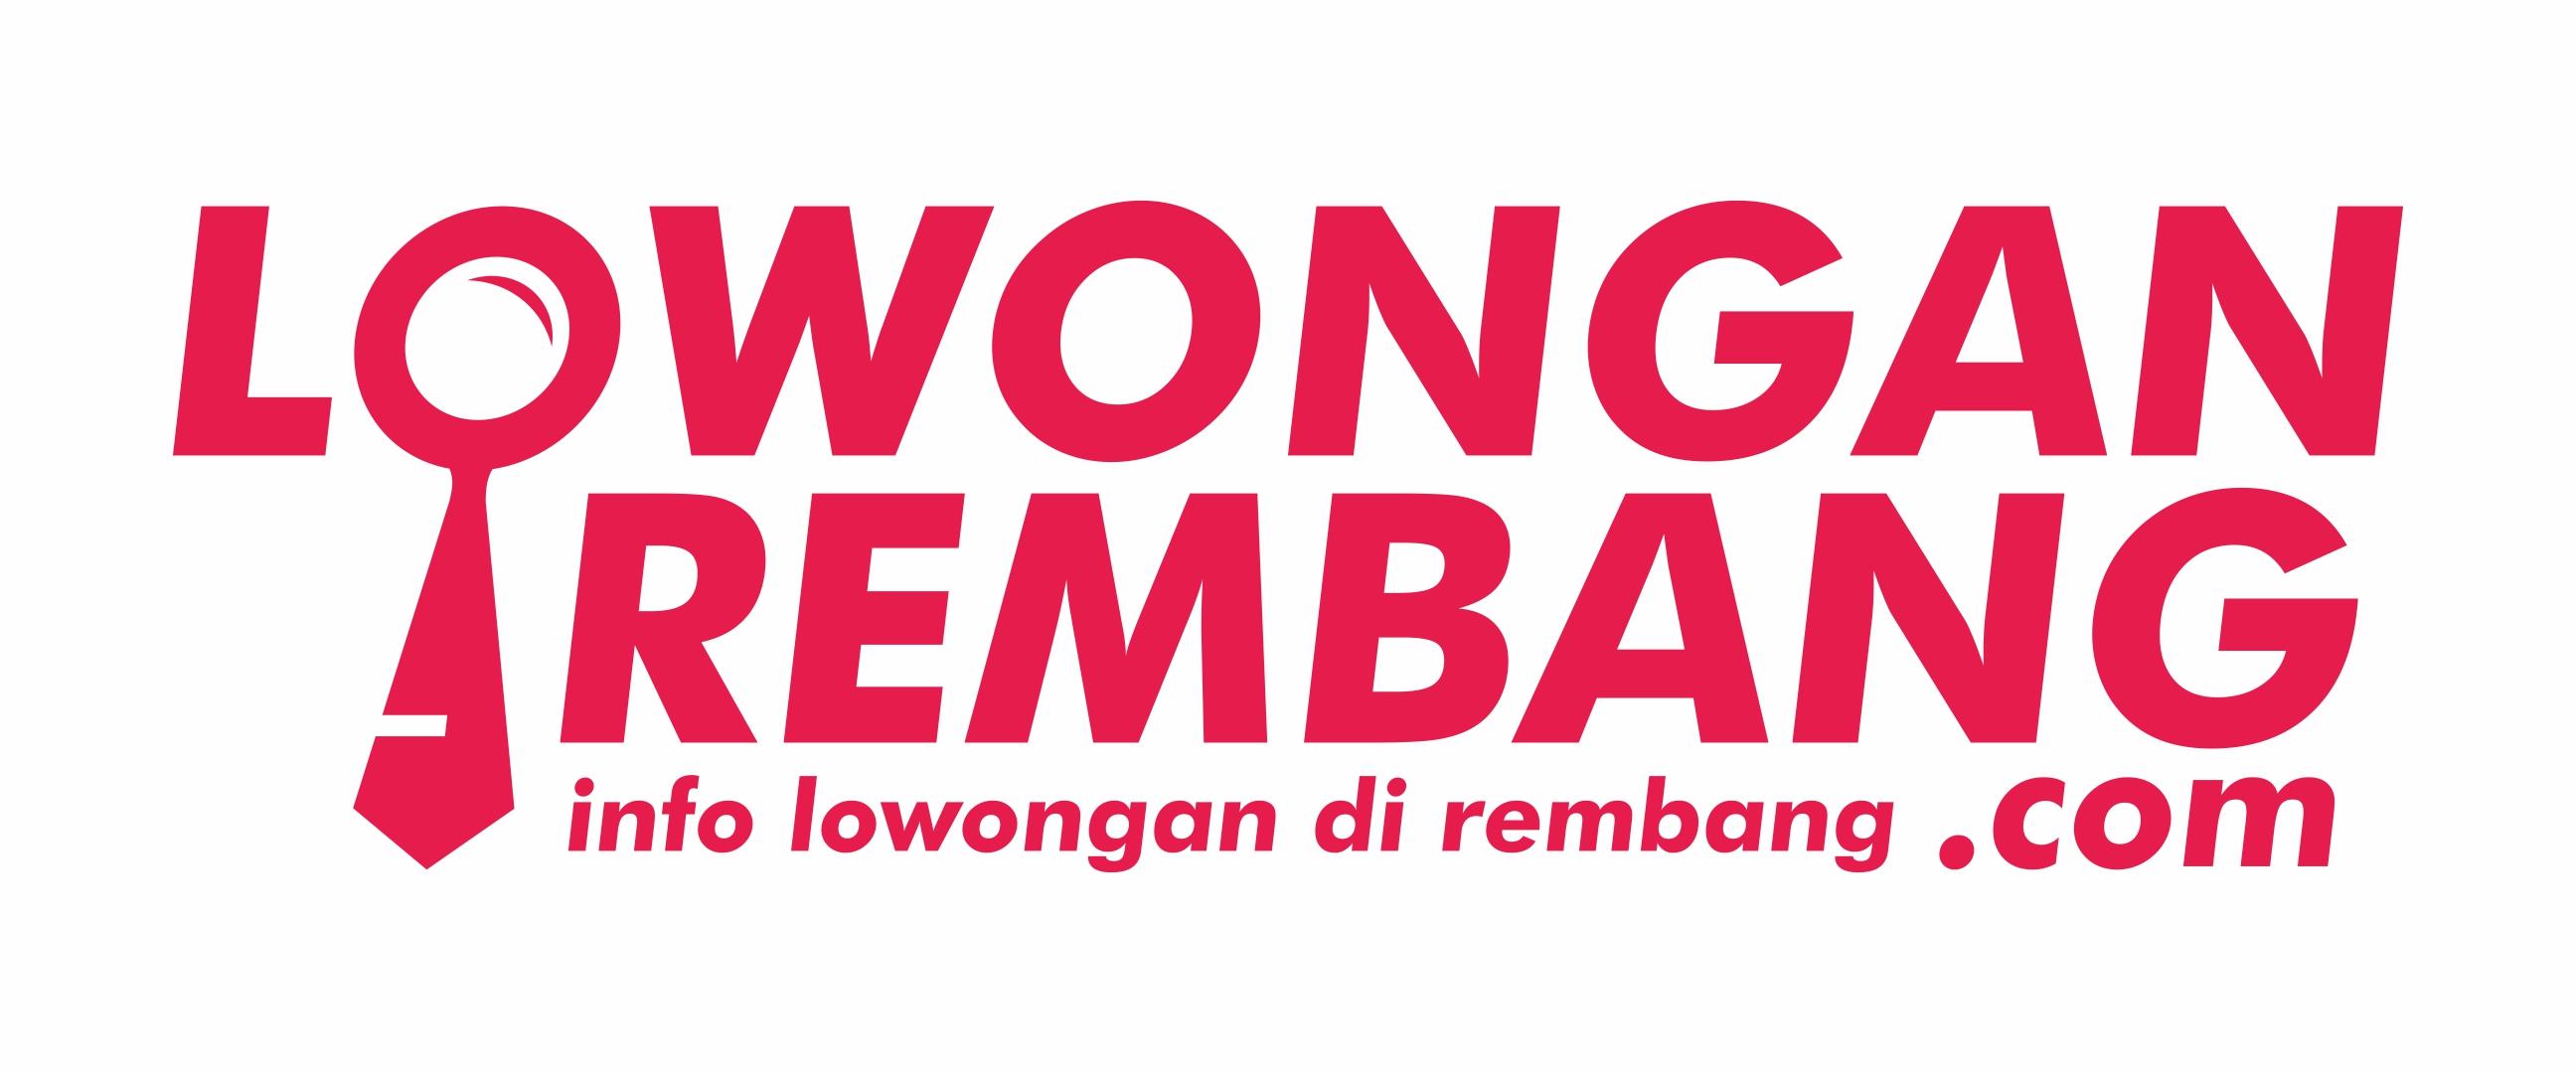 LOGO LOWONGAN REMBANG DOT COM